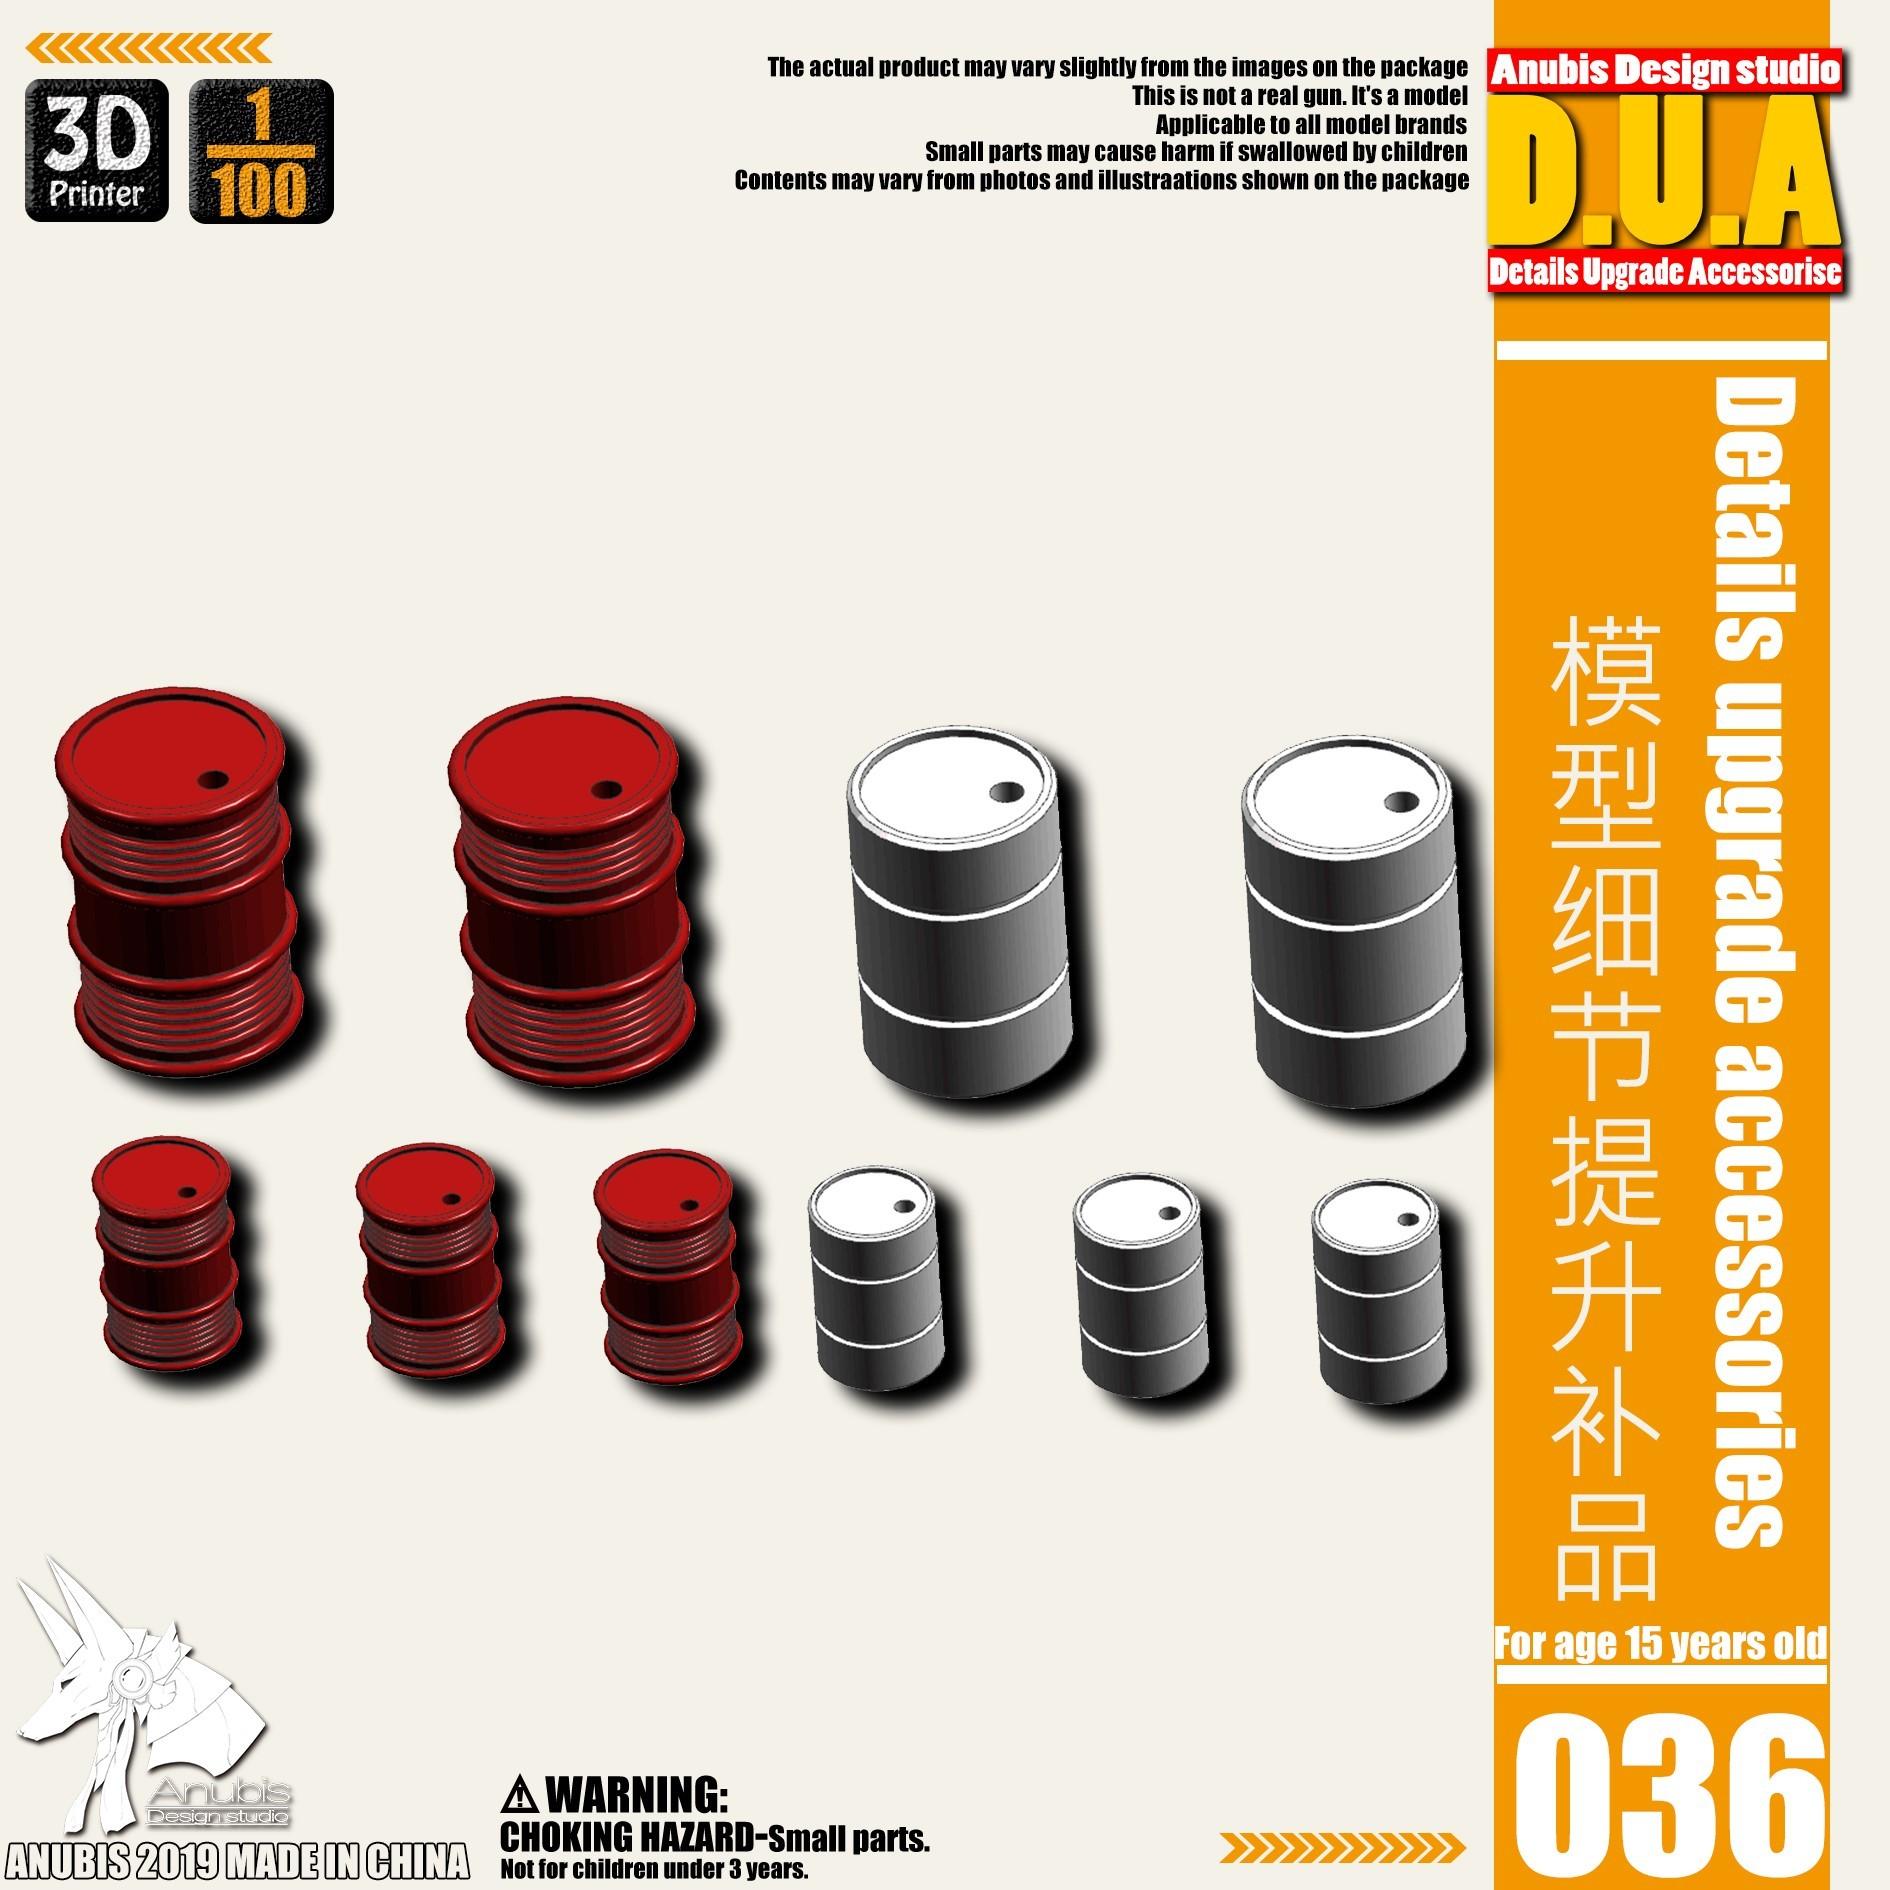 G413_DUA036_001.jpg